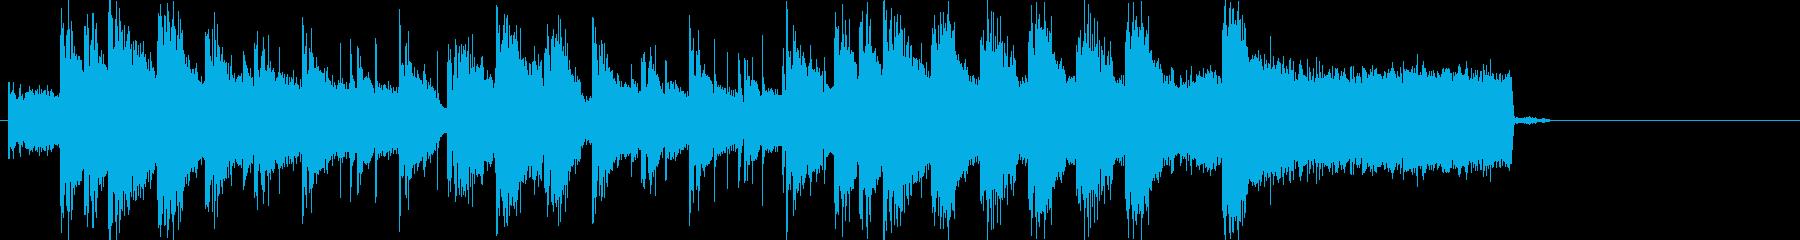 ドタバタだがキラキラ楽しくなるジングルcの再生済みの波形